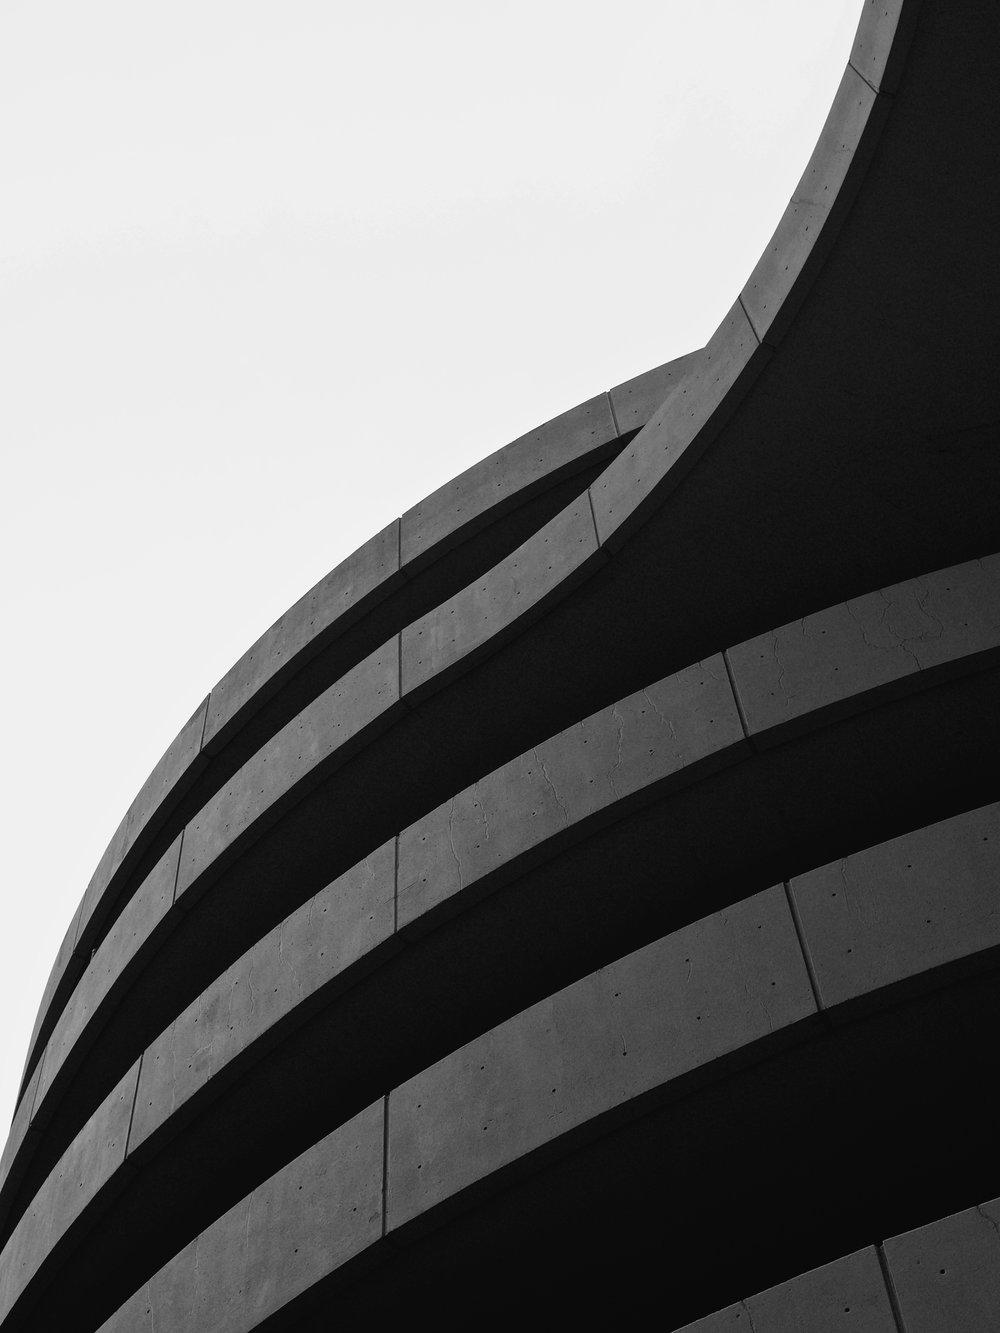 Spiral, Chicago, 4/6/2017